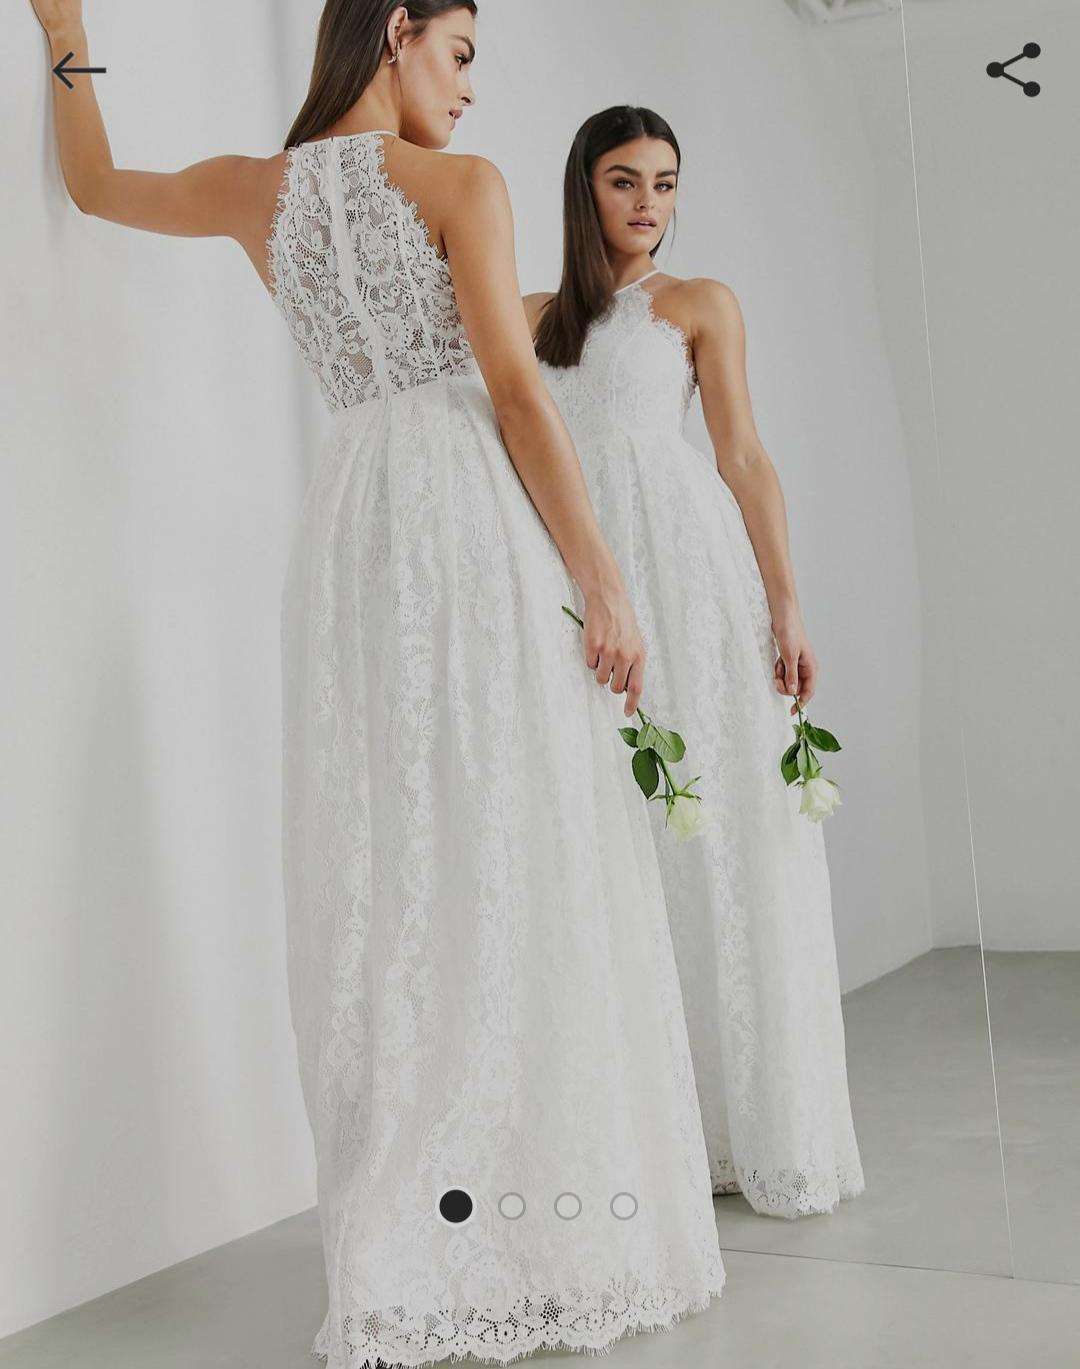 Predám nové svadobné šaty - Obrázok č. 1